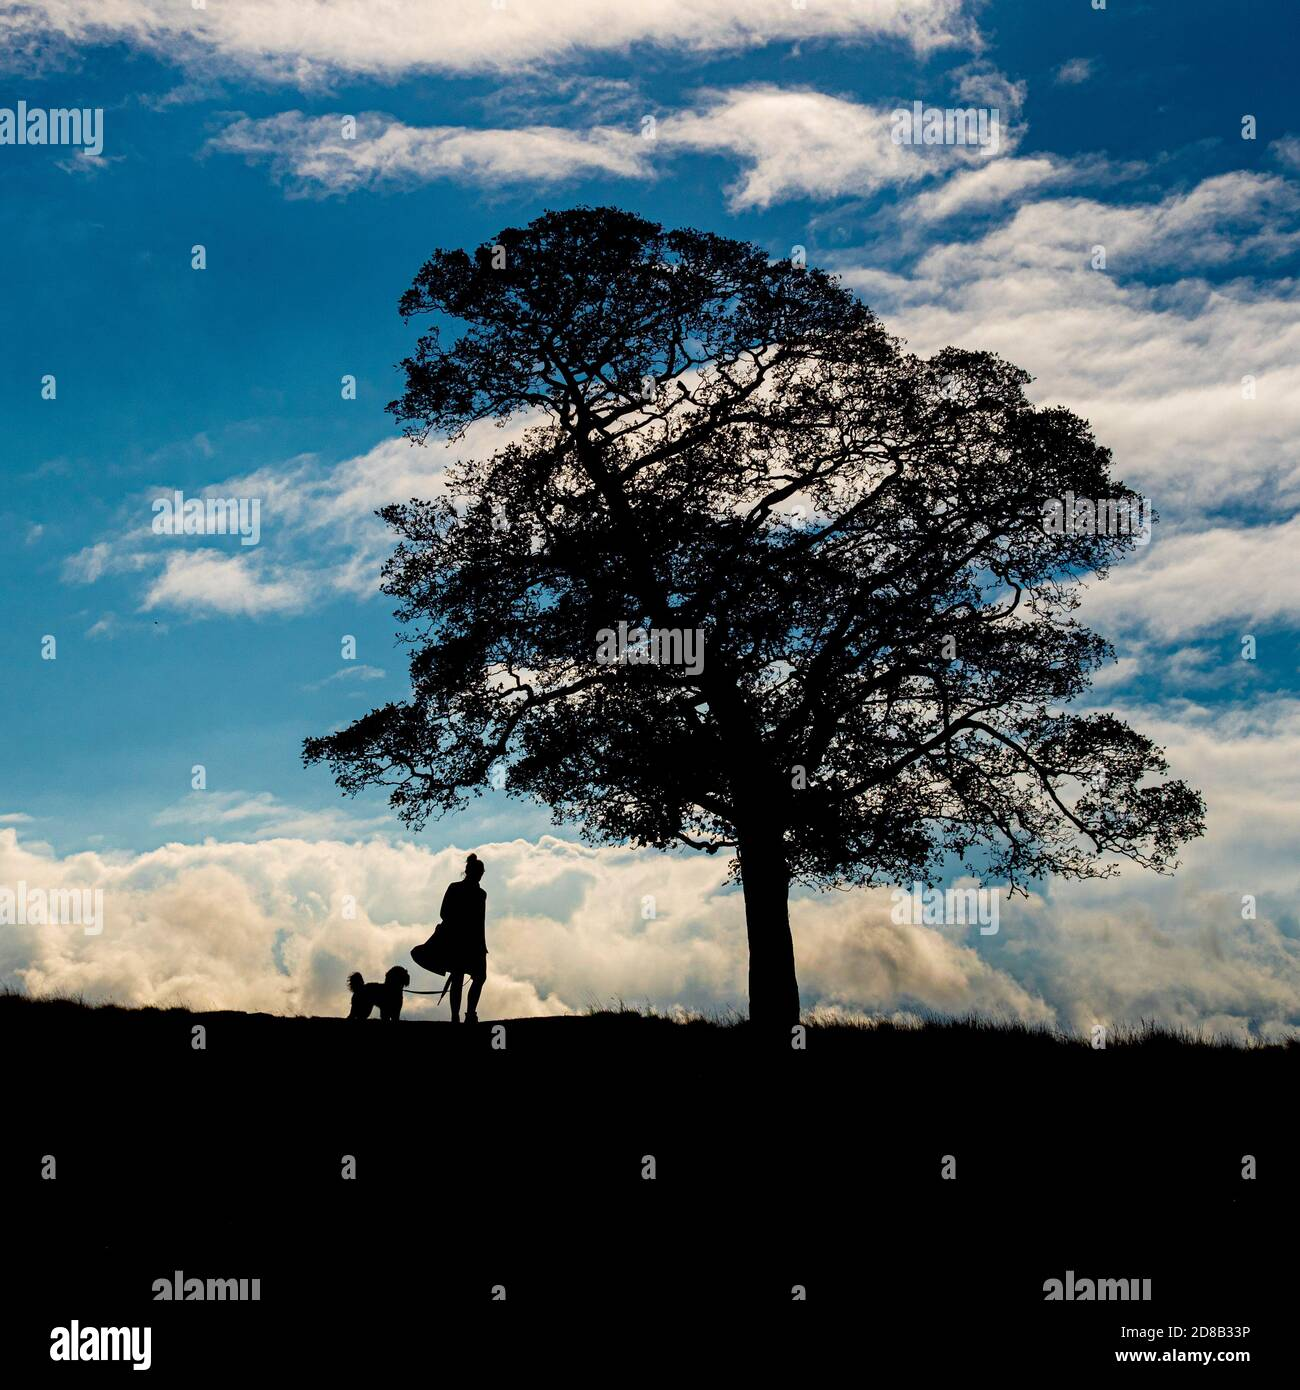 Silueta de la mujer caminante y árbol de perros contra un cielo azul. Foto de stock